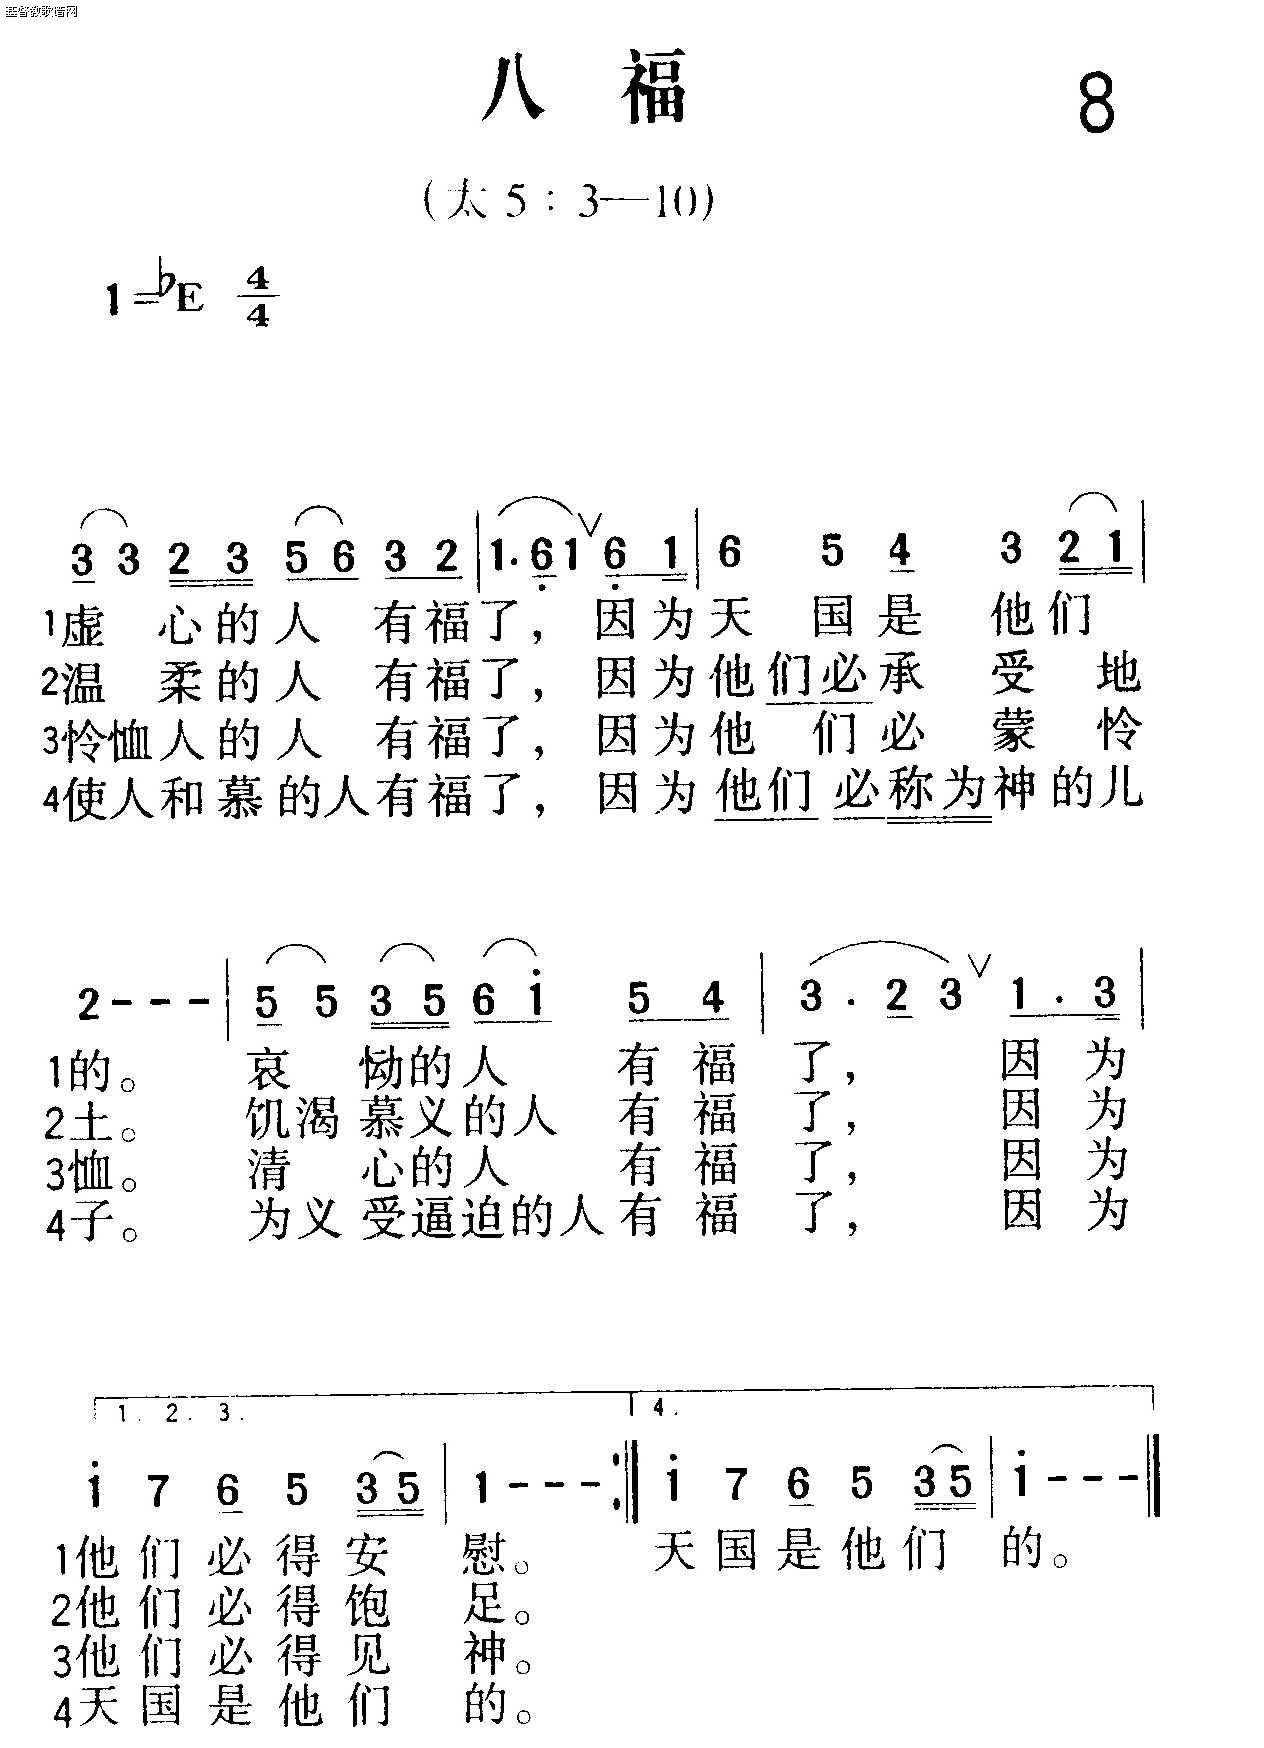 八福歌谱基督教简谱网歌谱网